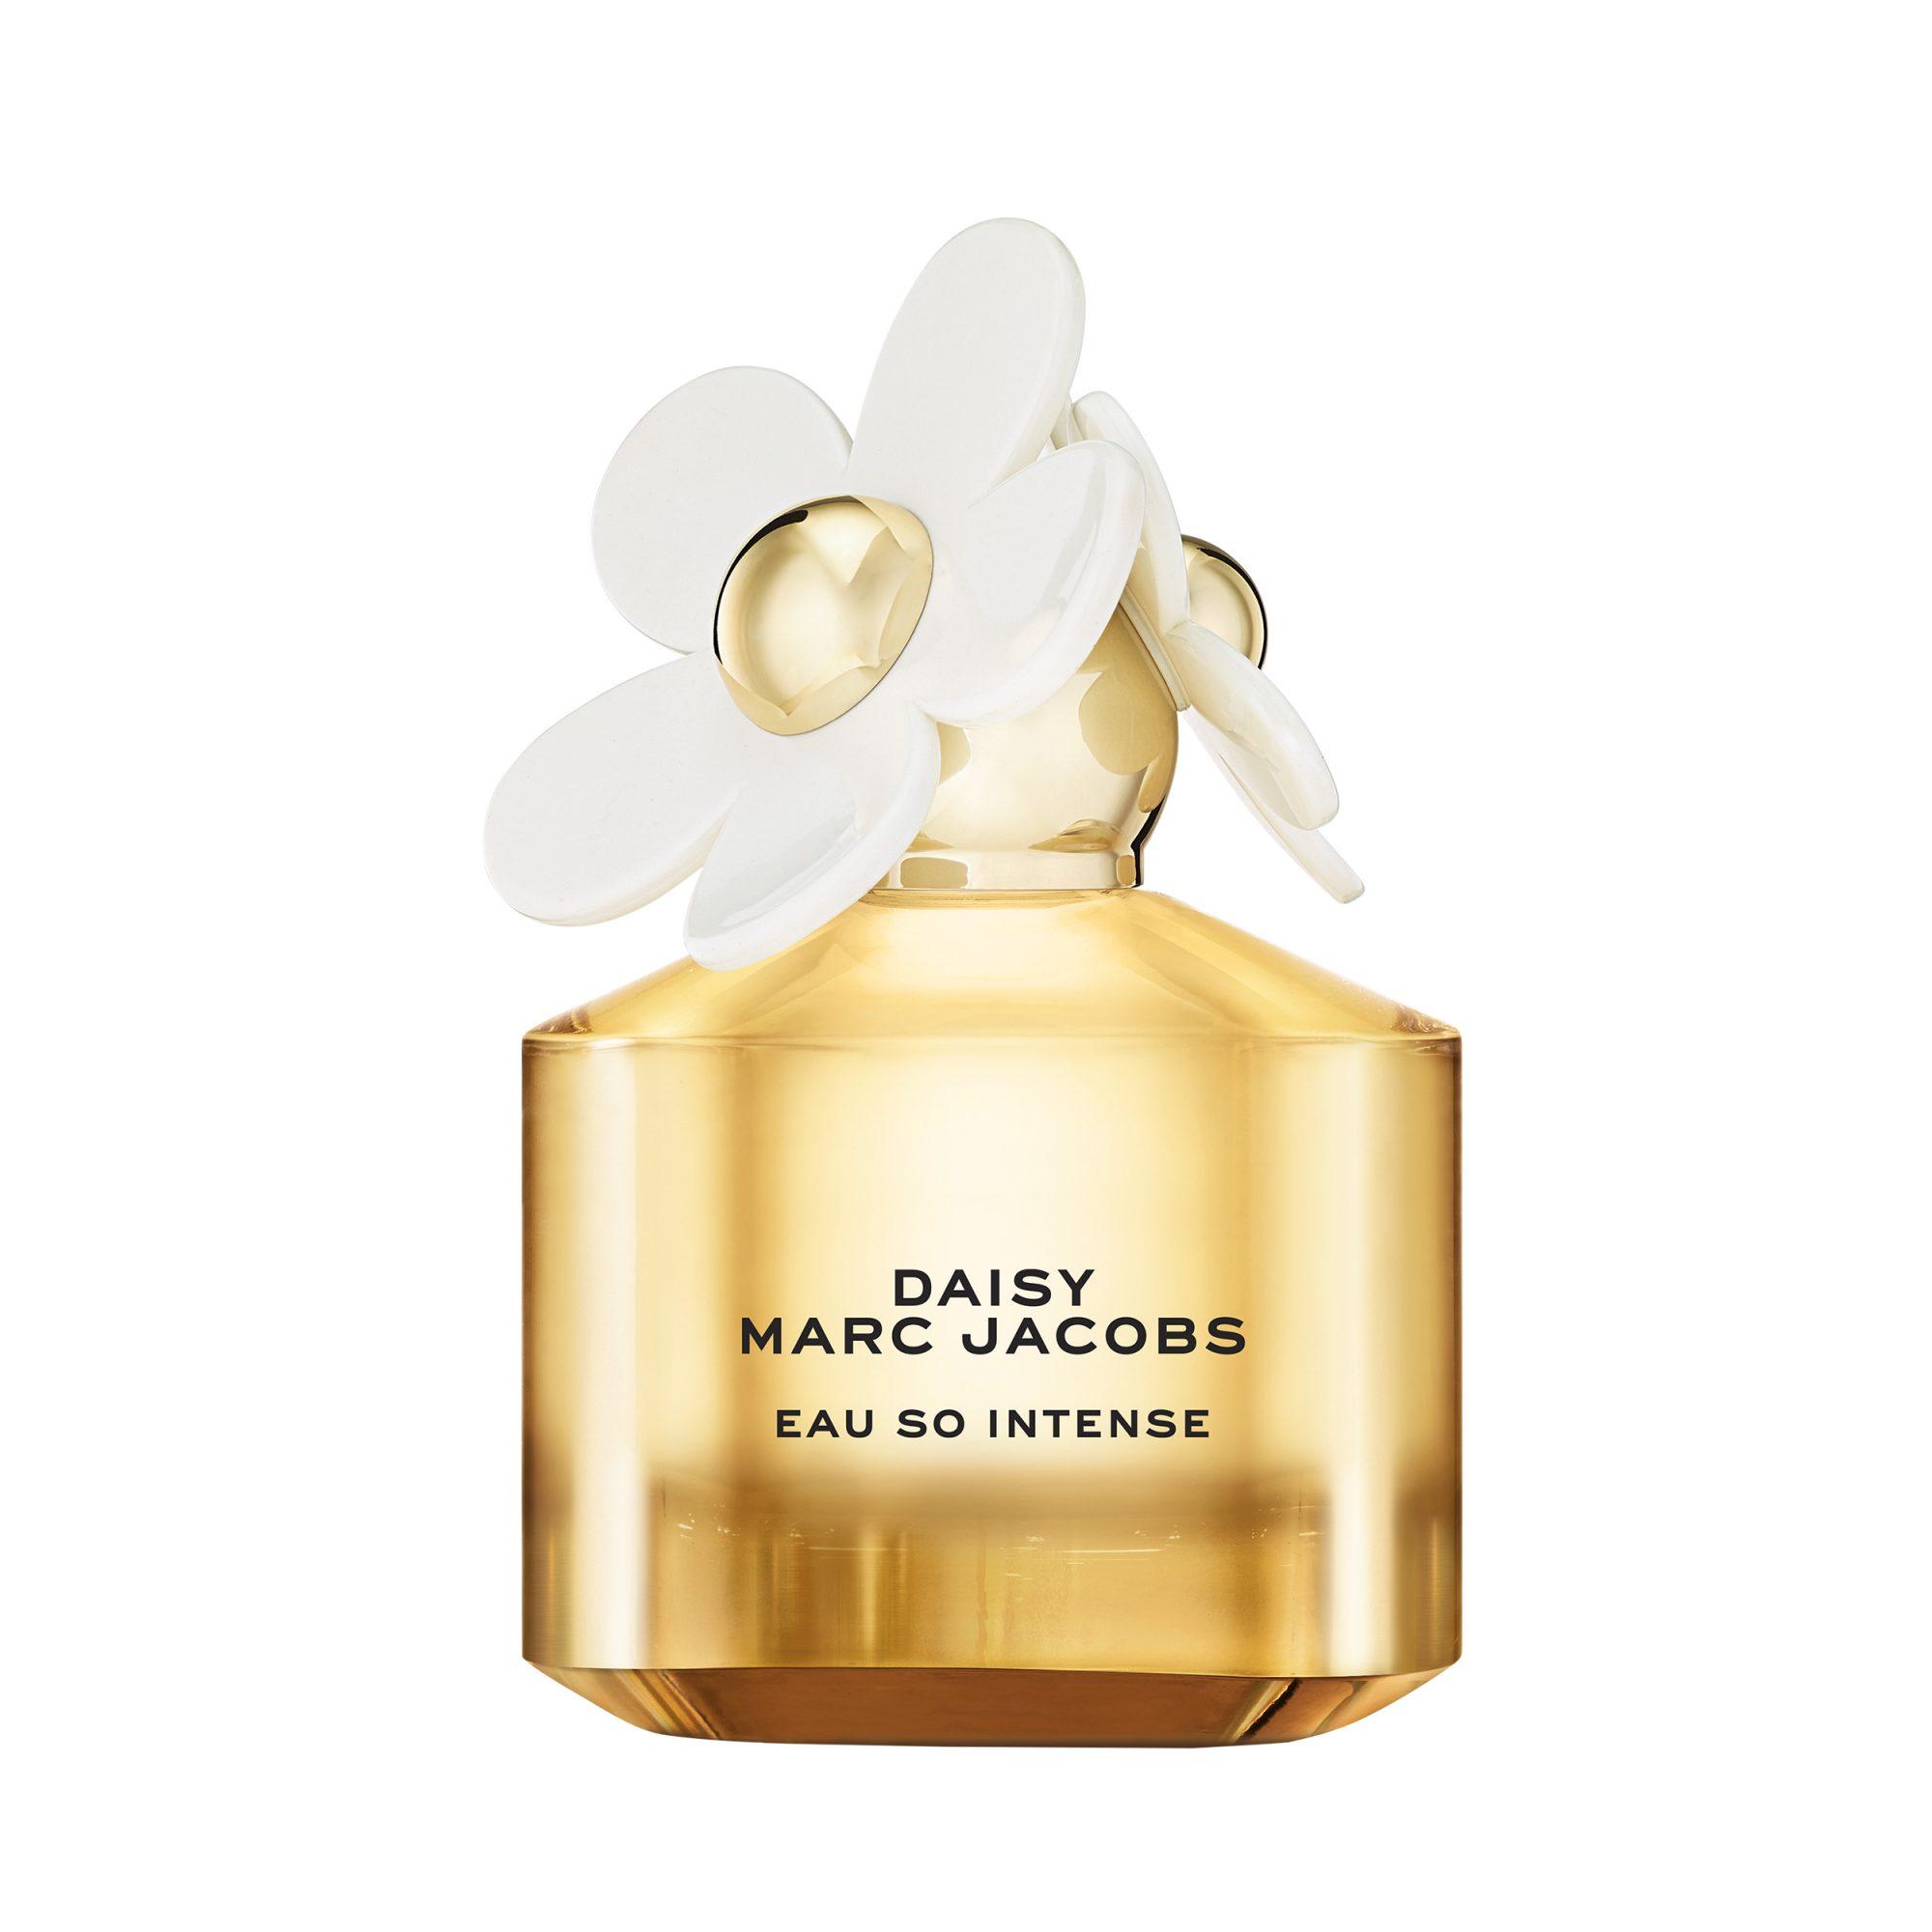 Fragancias para mamá, regalos para el día de las madres, Daisy Eau Intense, Marc Jacobs